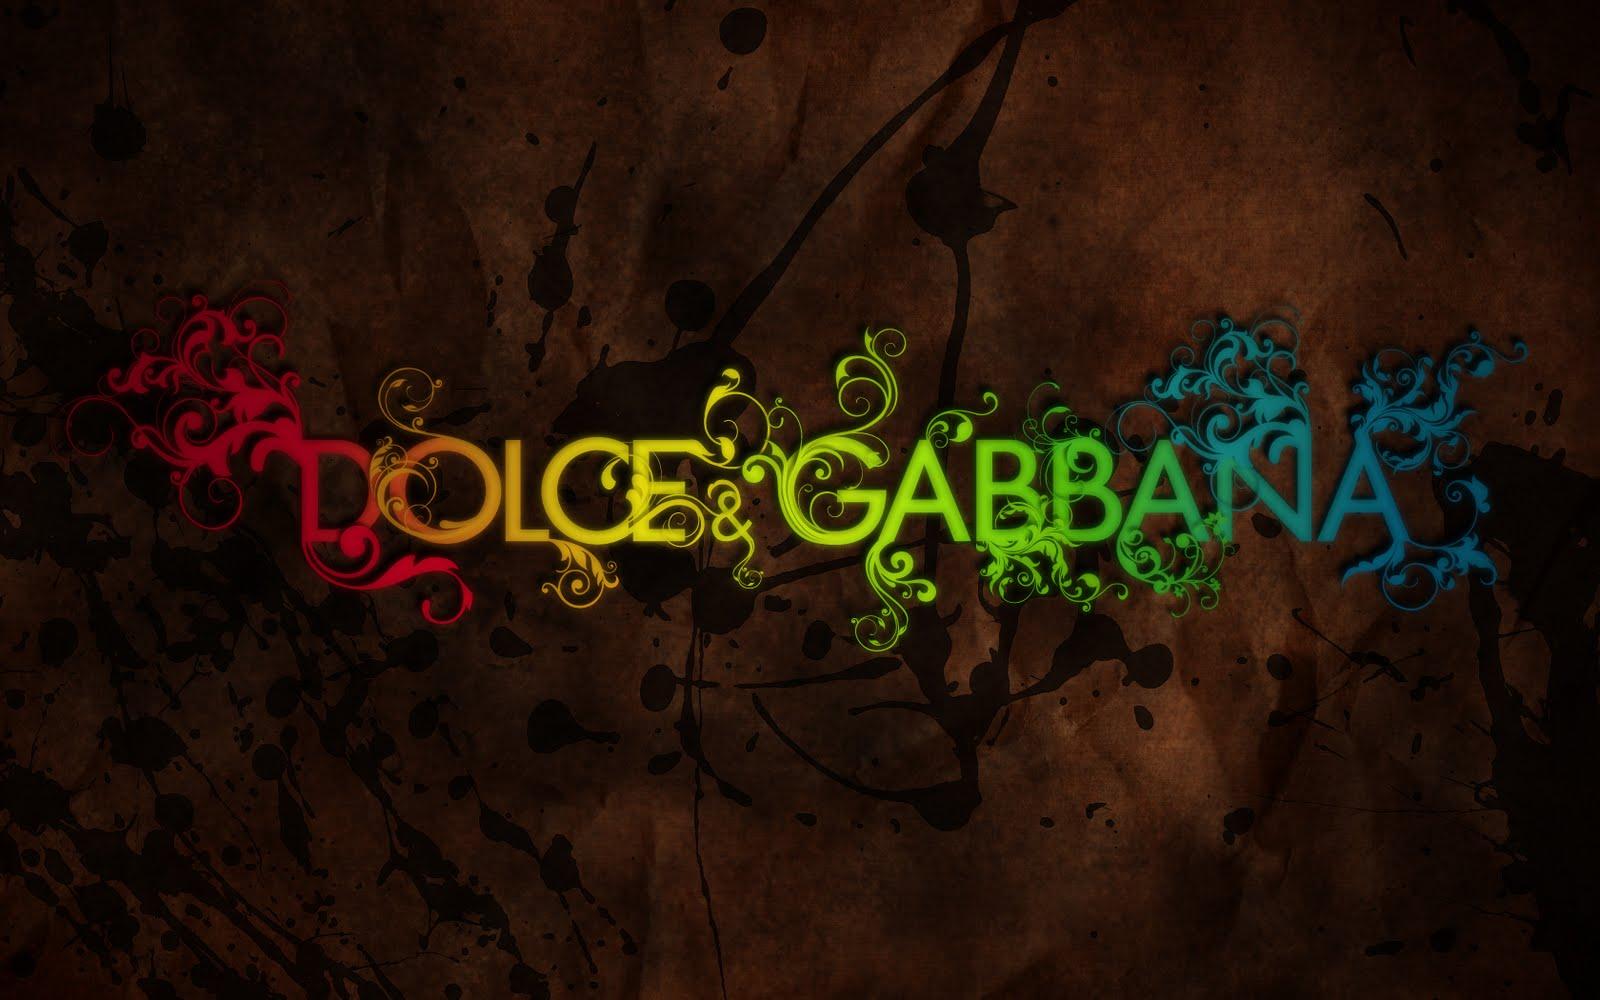 Eye Was Framed: WHO WEARS DOLCE & GABBANA